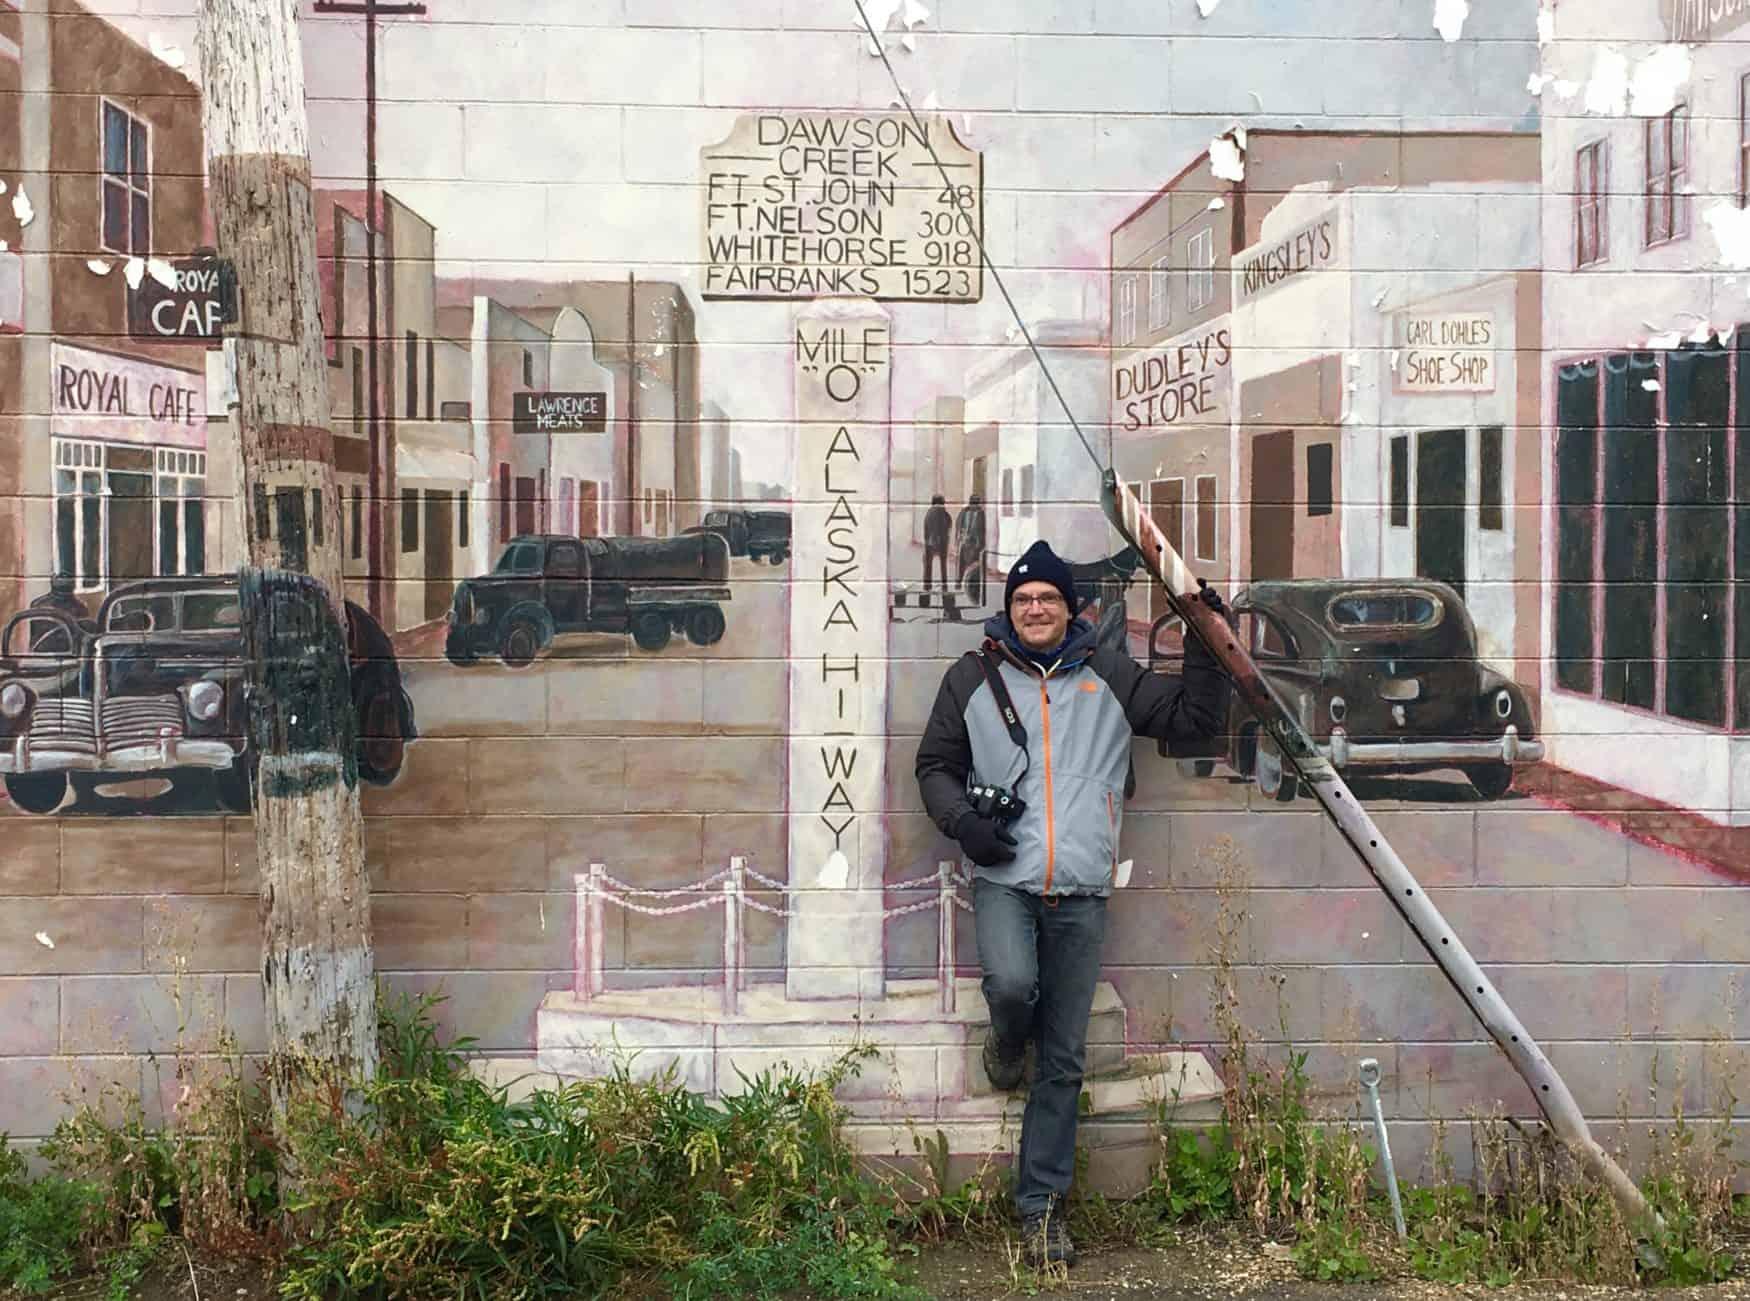 """Vor einem Mural in Dawson Creek. Es zeigt den historischen """"Mile 0"""" Marker des Alaska-Highway."""